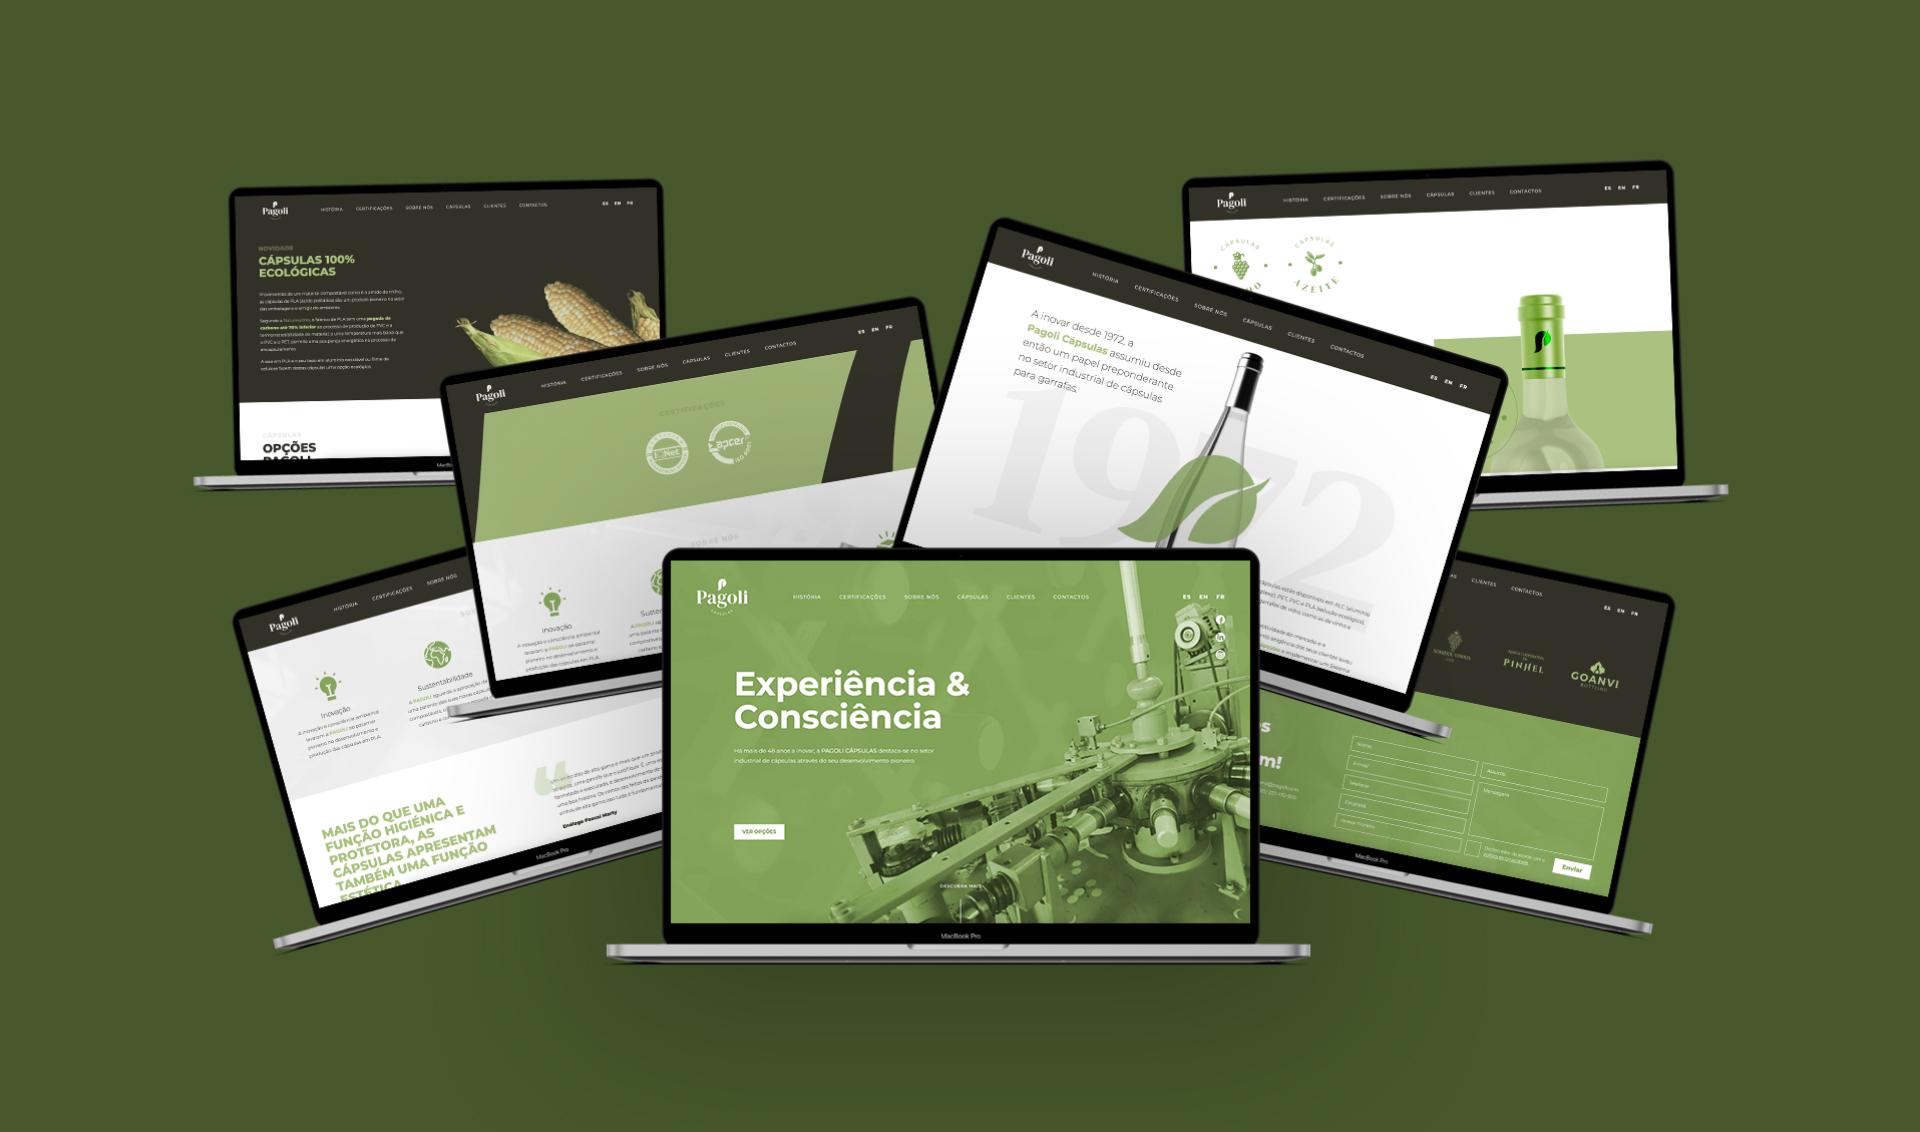 Várias páginas de website Pagoli em computador portátil